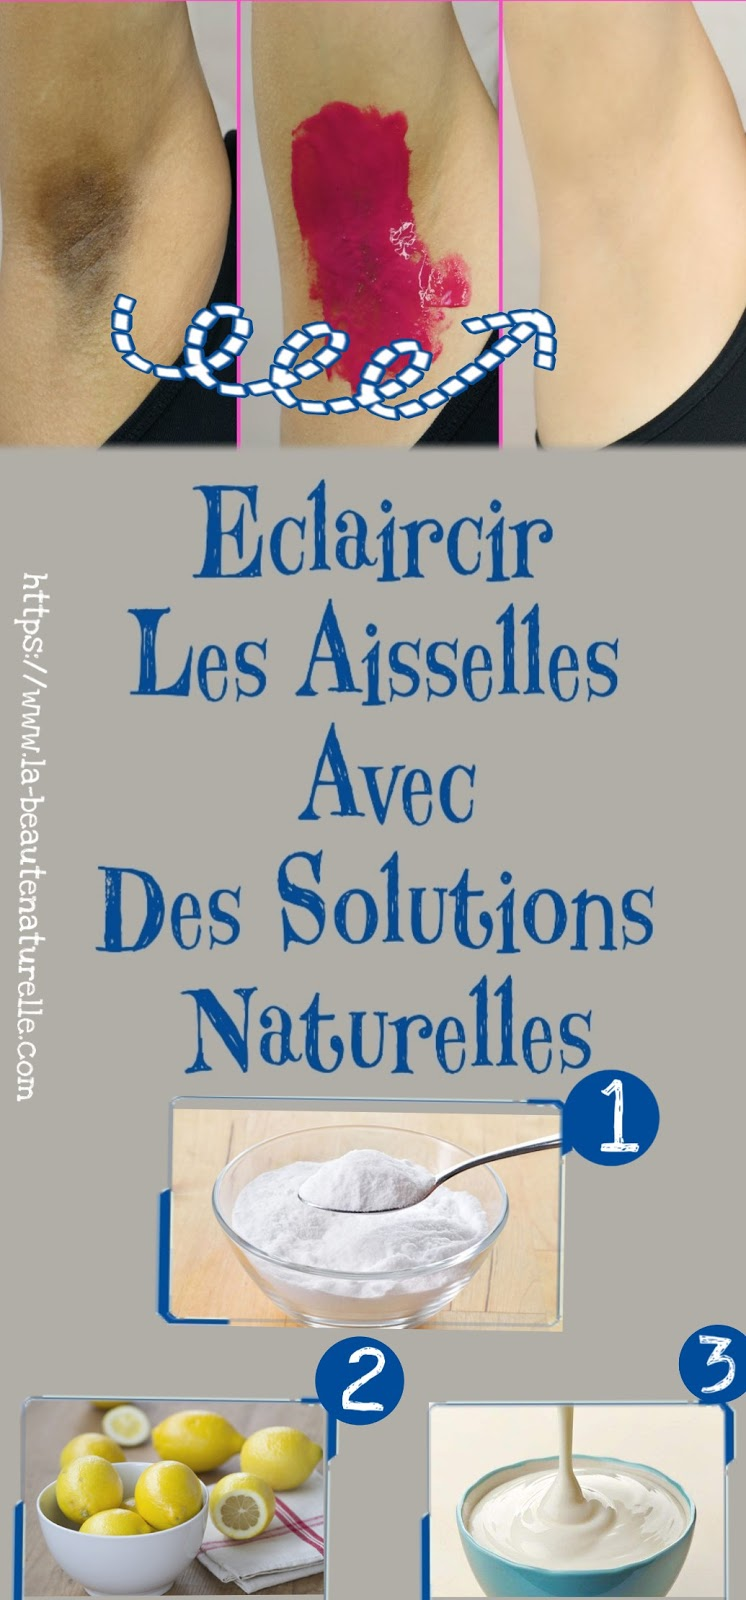 Eclaircir Les Aisselles Avec Des Solutions Naturelles